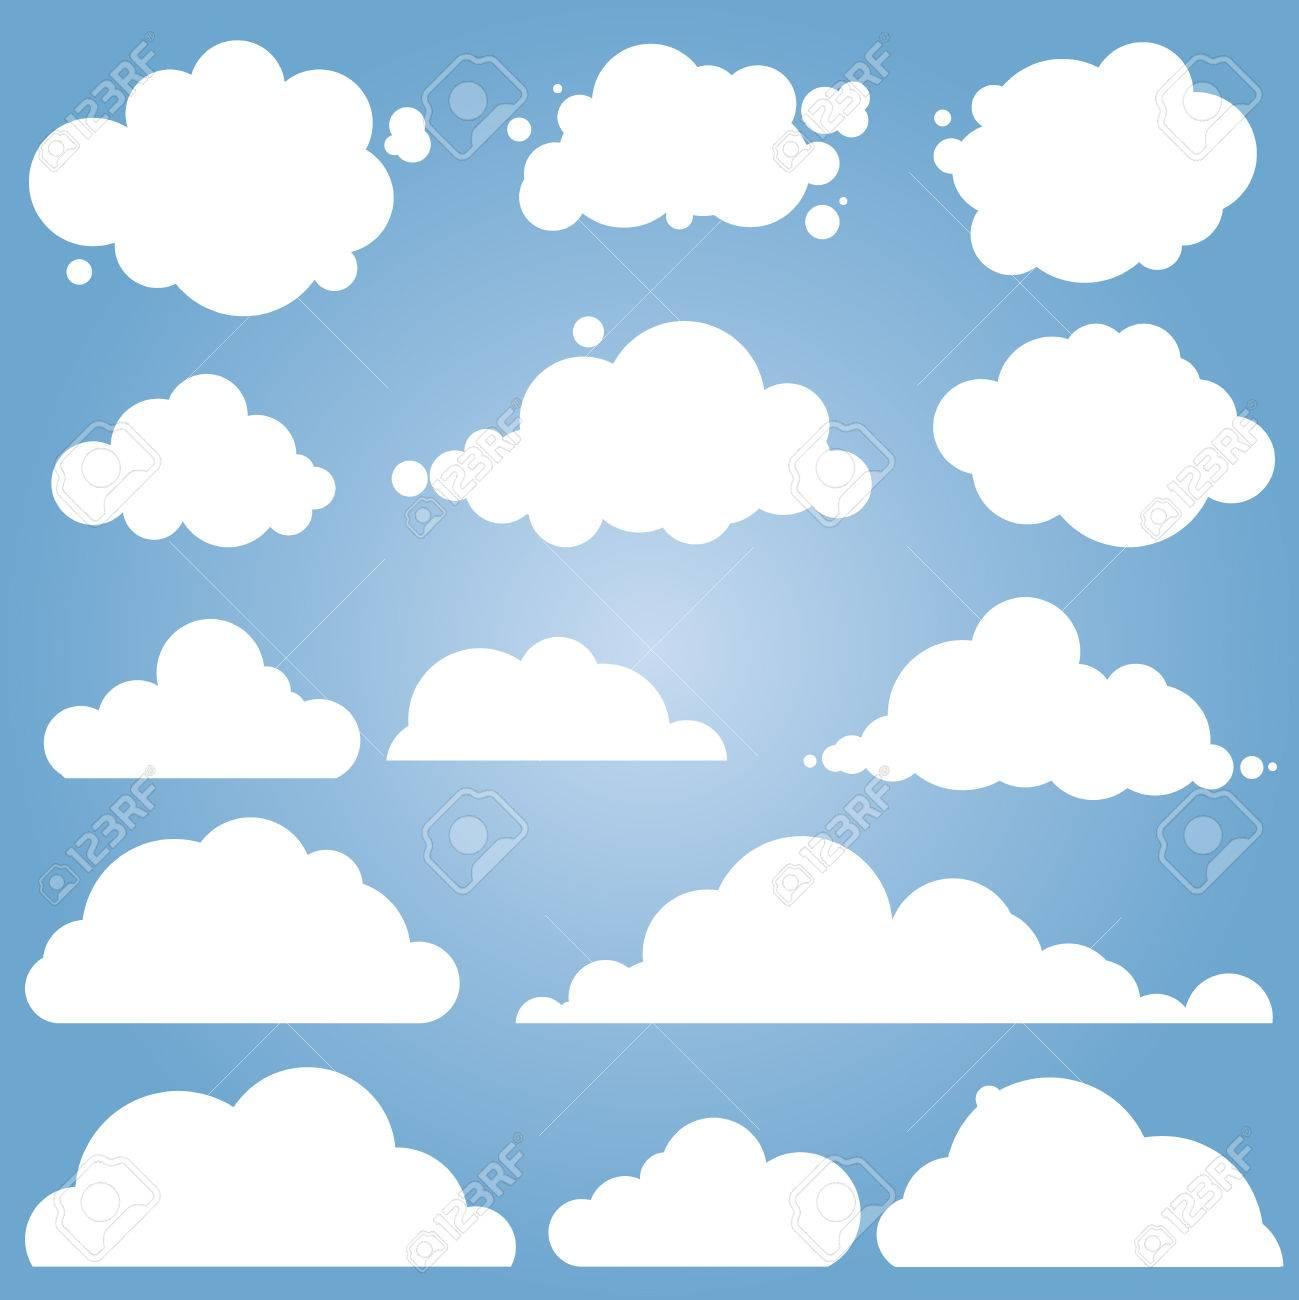 Set for blue sky, different clouds. Cloud icon, cloud shape, label, symbol. Flat graphic element - 55952877